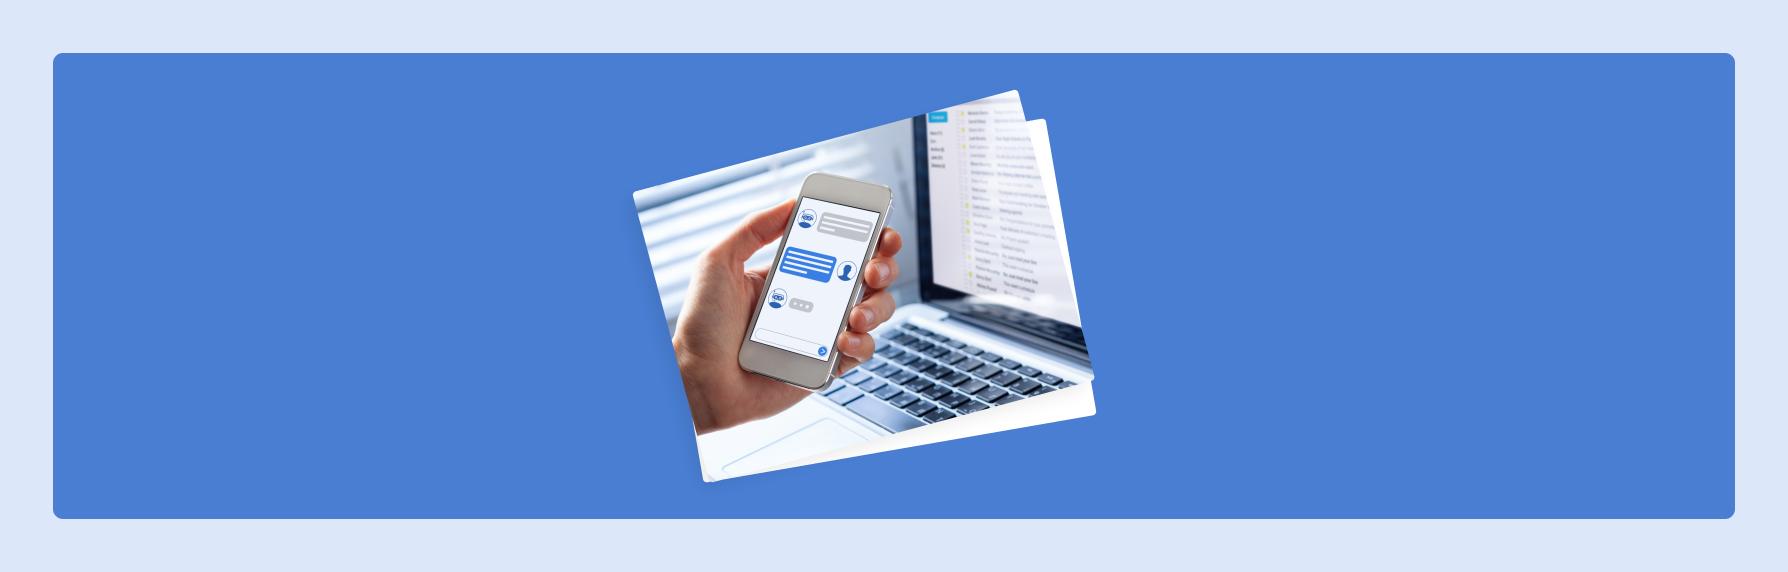 Chatbot, Live Chat & Webchat - Leitfaden für Unternehmer